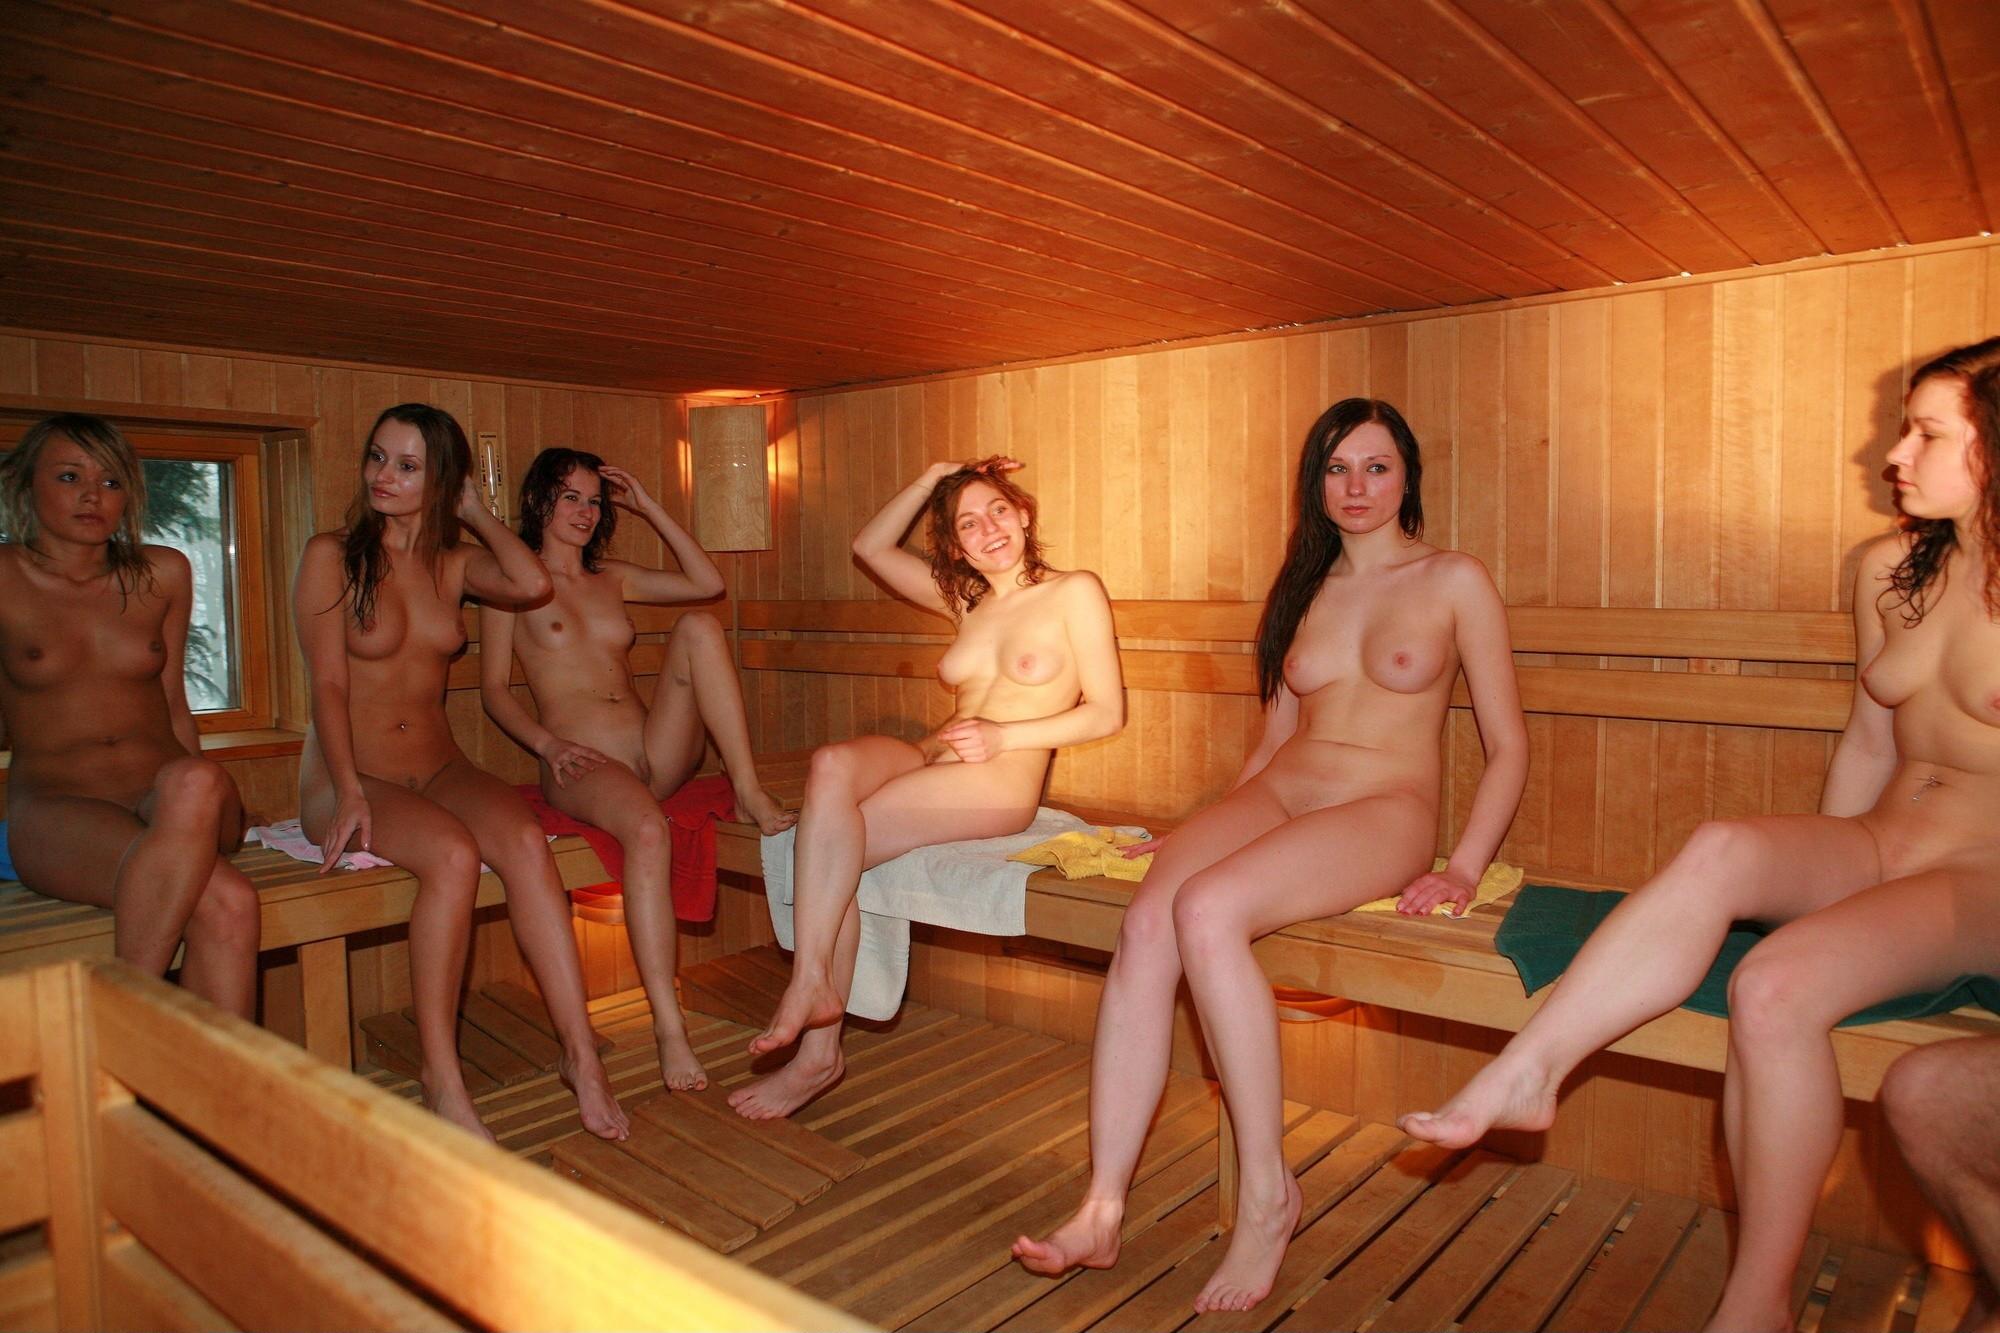 этого оранжевые эро фото женщин в банях она кайфует ней